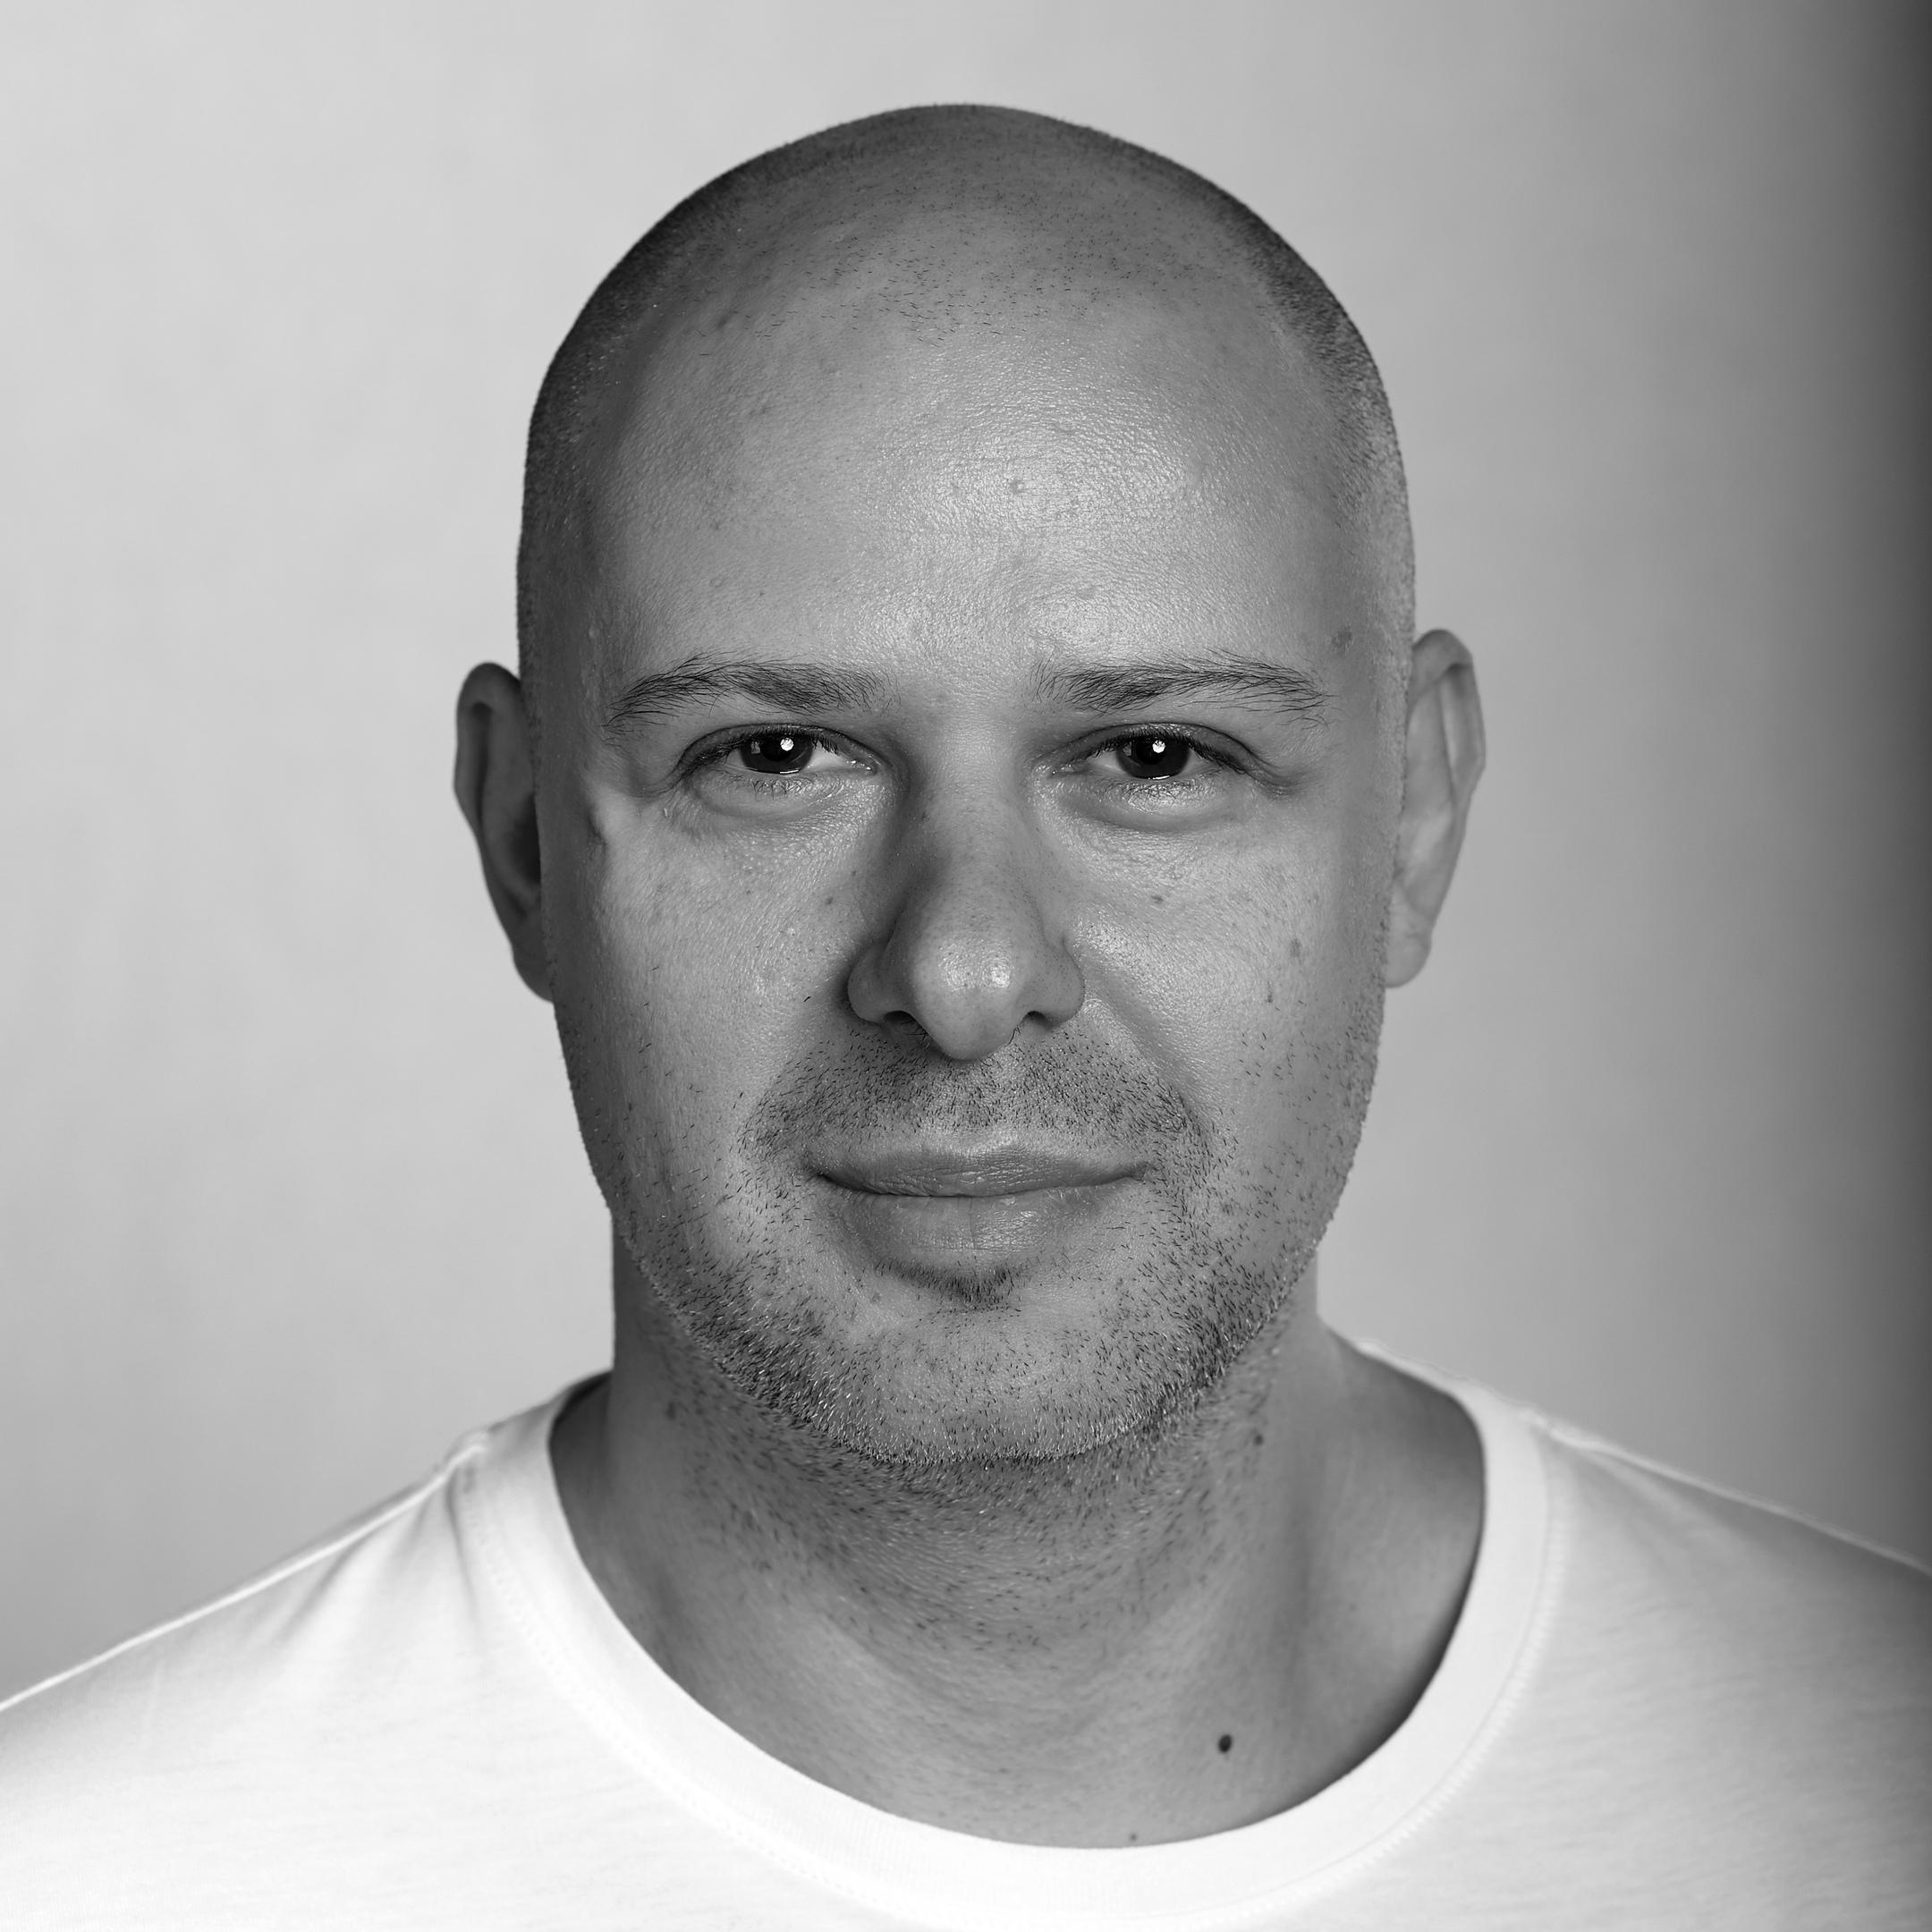 Сегодня в 10:00 на 44-ом году жизни креативный директор Warface Михаил Хаймзон был на…